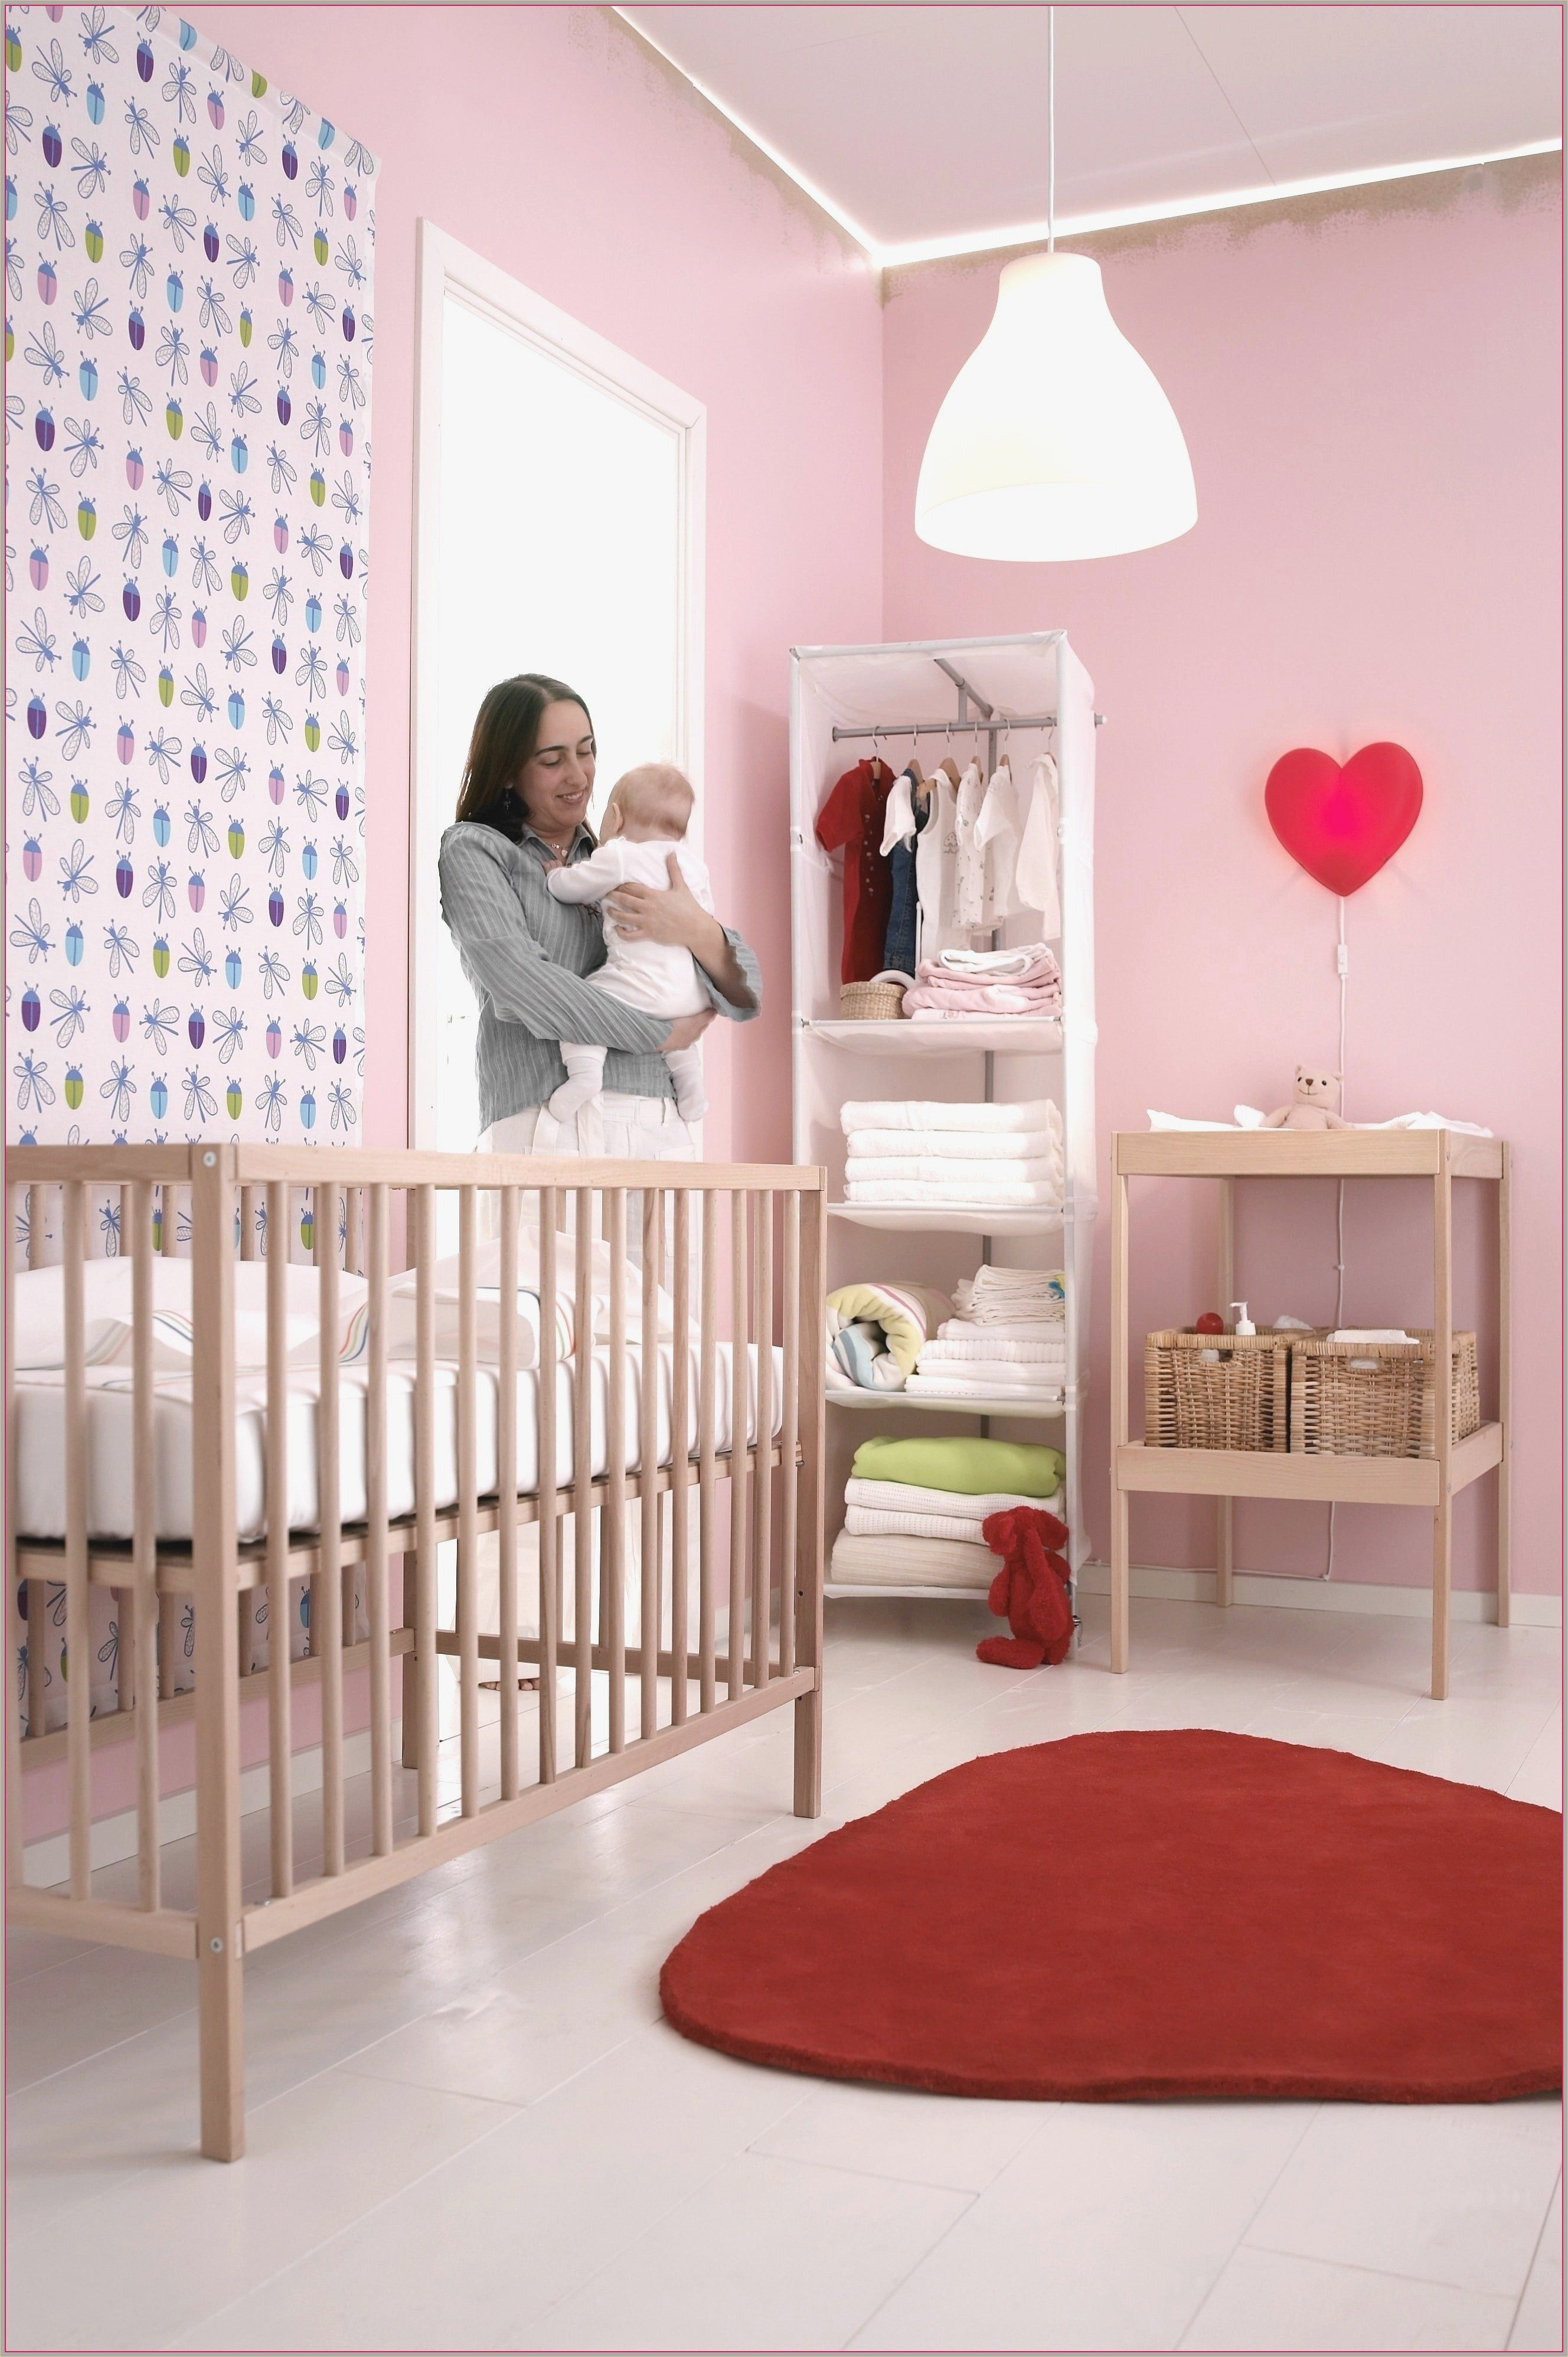 Lit Bébé Ikea Hensvik Élégant Baignoire Pliante Bébé Beautiful Lit Bebe Luxe 36 Ikea Best De Avec